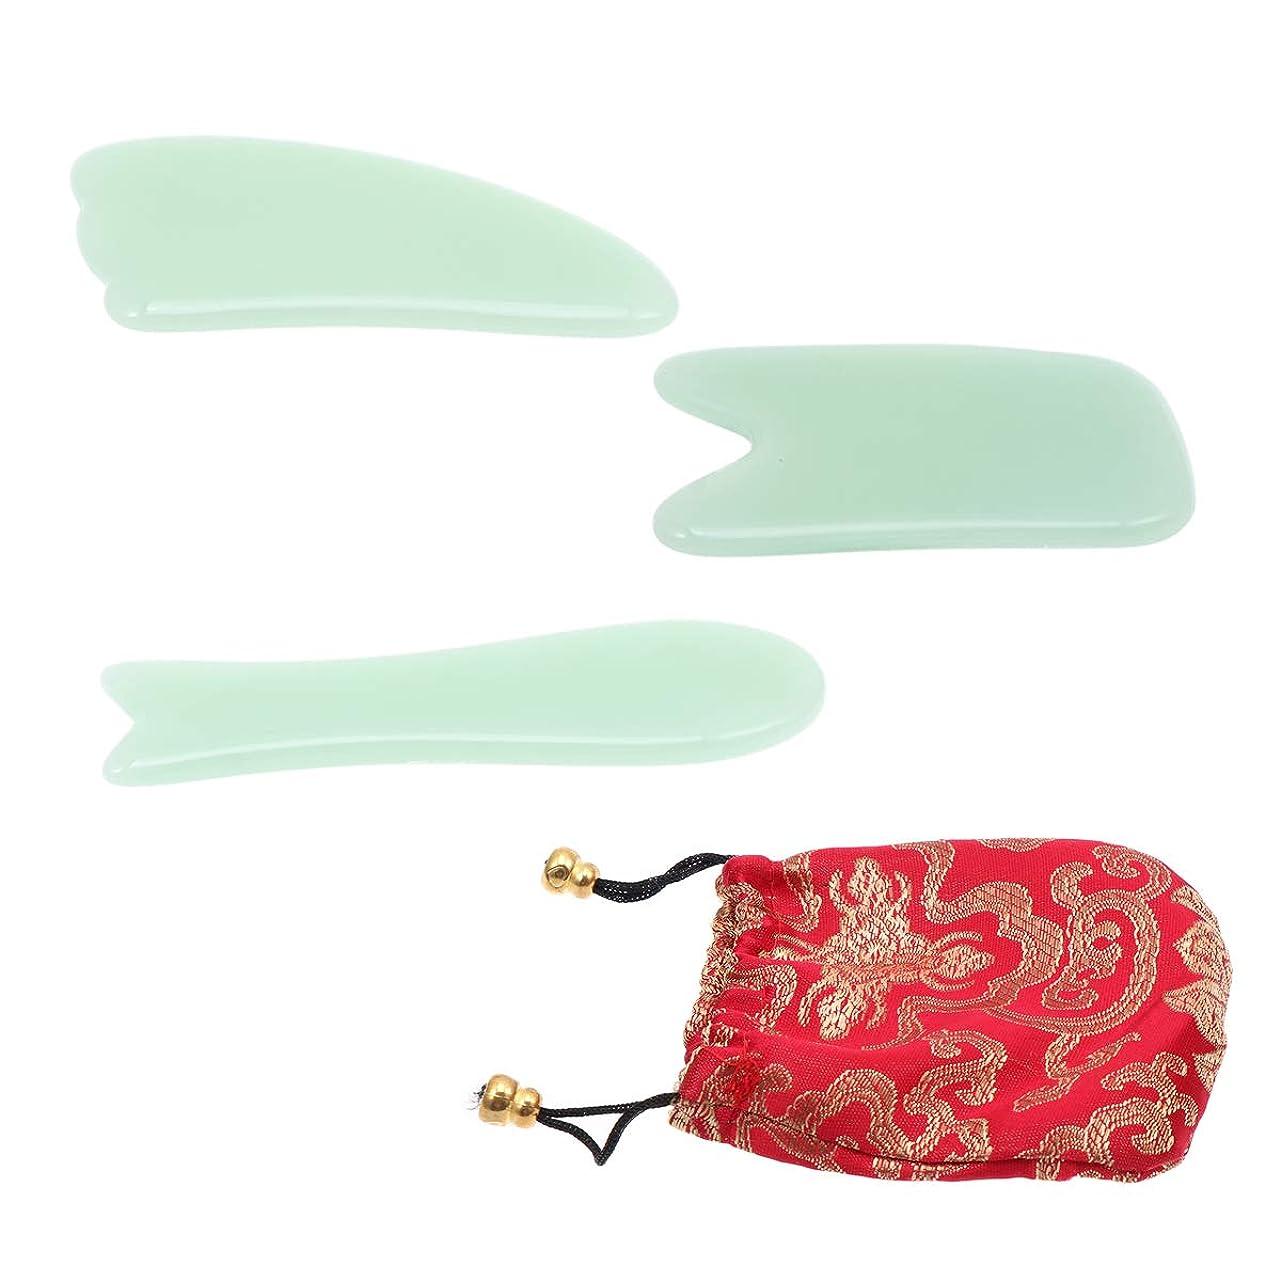 告白スツール適度にHealifty 巾着袋3本入りジェイドマッサージボード